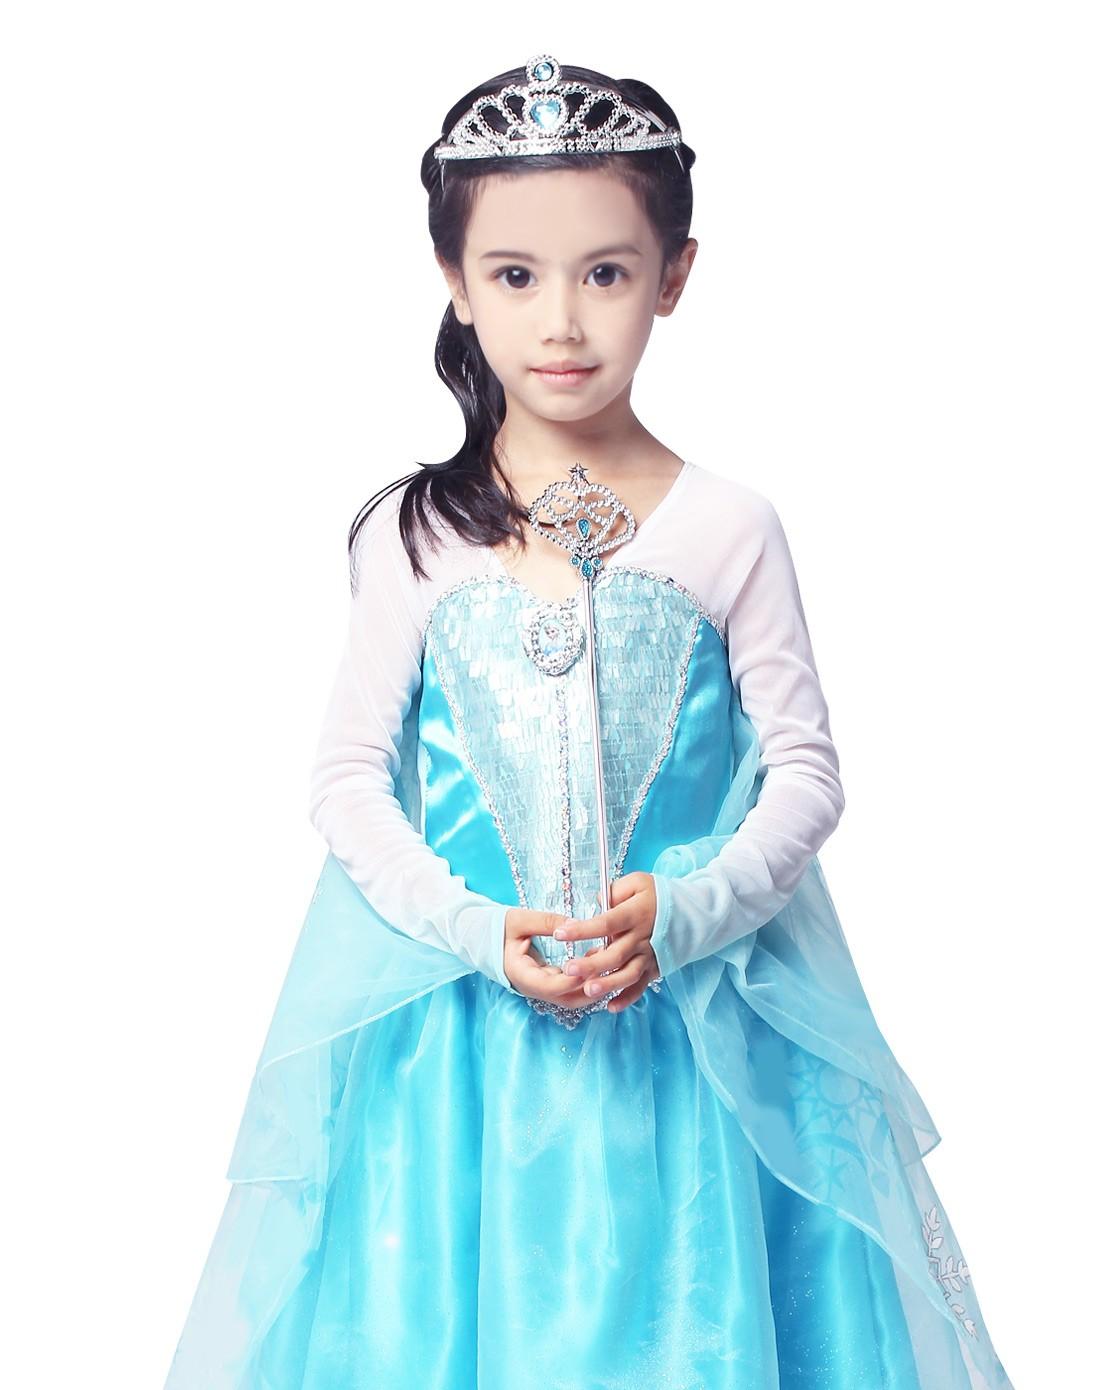 迪士尼公主系列之华丽礼服裙专场-冰雪奇缘艾莎公主皇冠 手杖套装